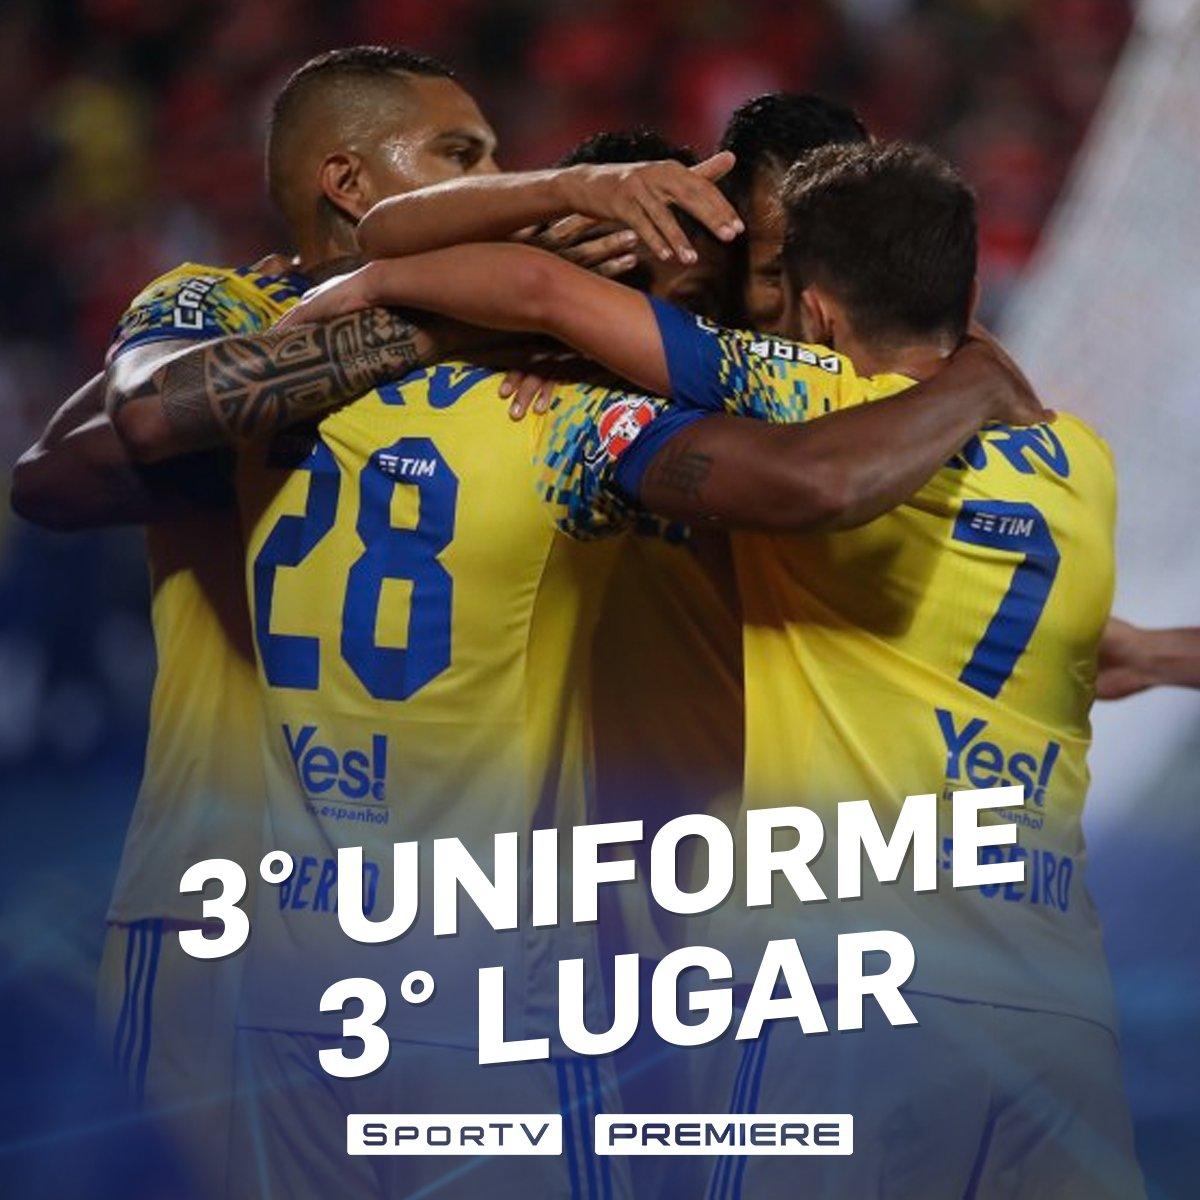 O novo uniforme deu sorte pro Mengão! #BrasileiraoNoSporTV #NossoFutebol